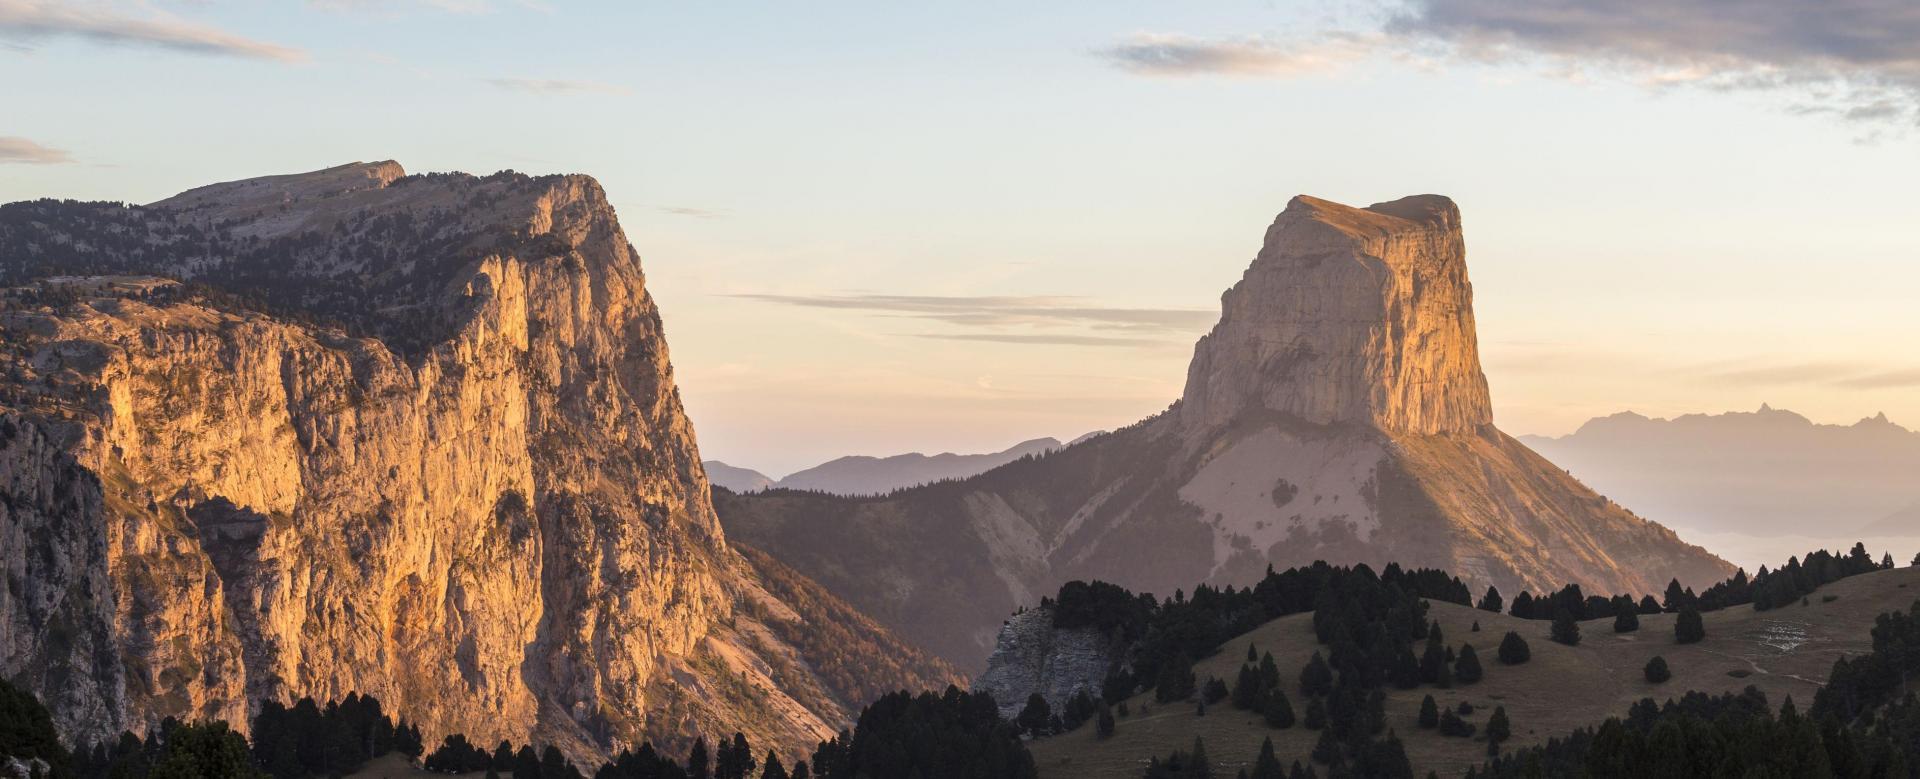 Voyage à pied : De l\'obiou au mont aiguille